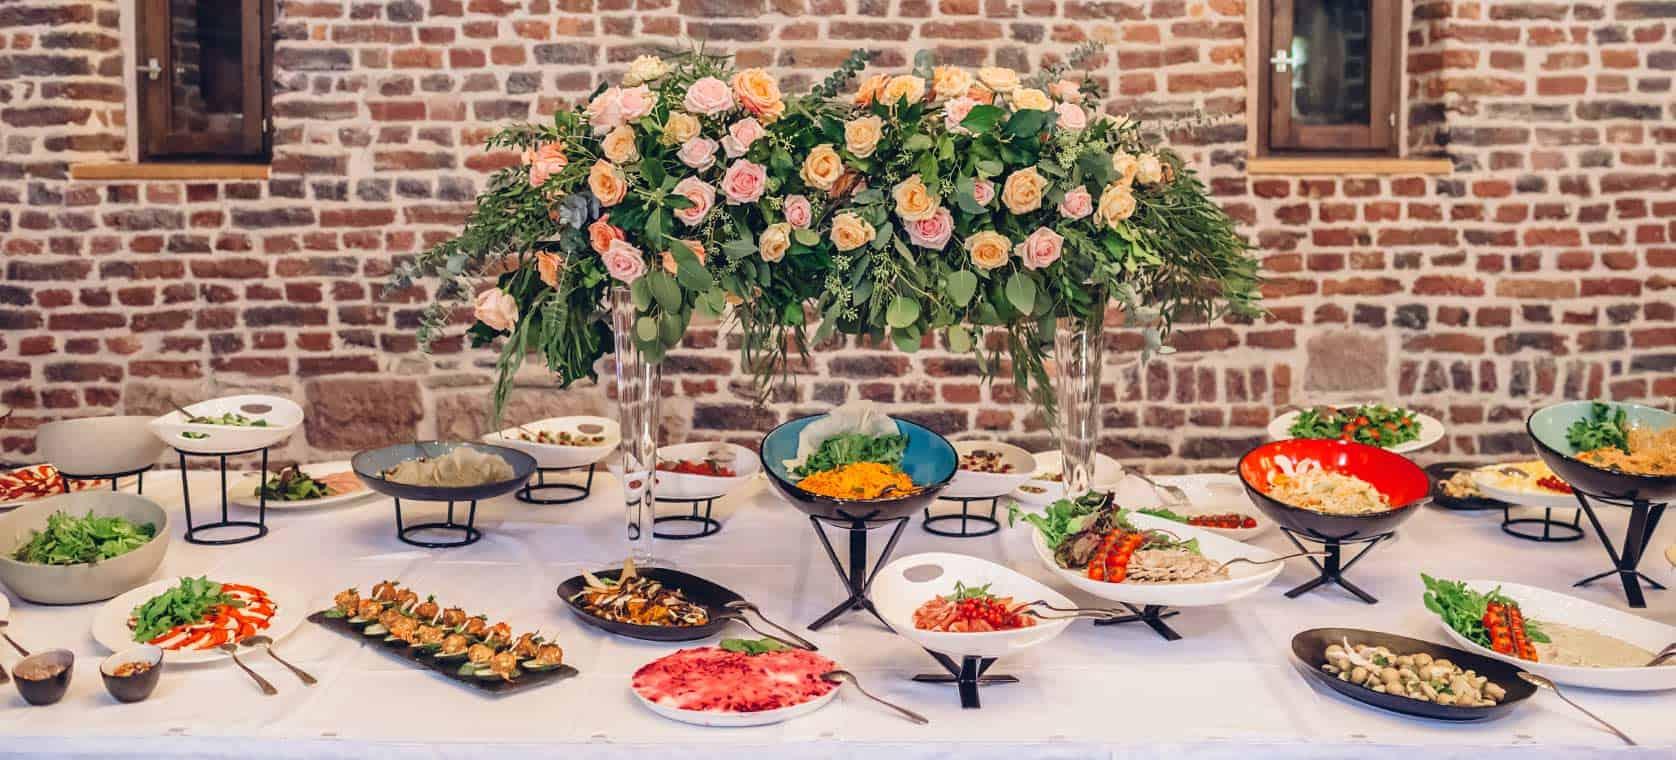 Russische-Hochzeit-Kosten-Hochzeitscatering